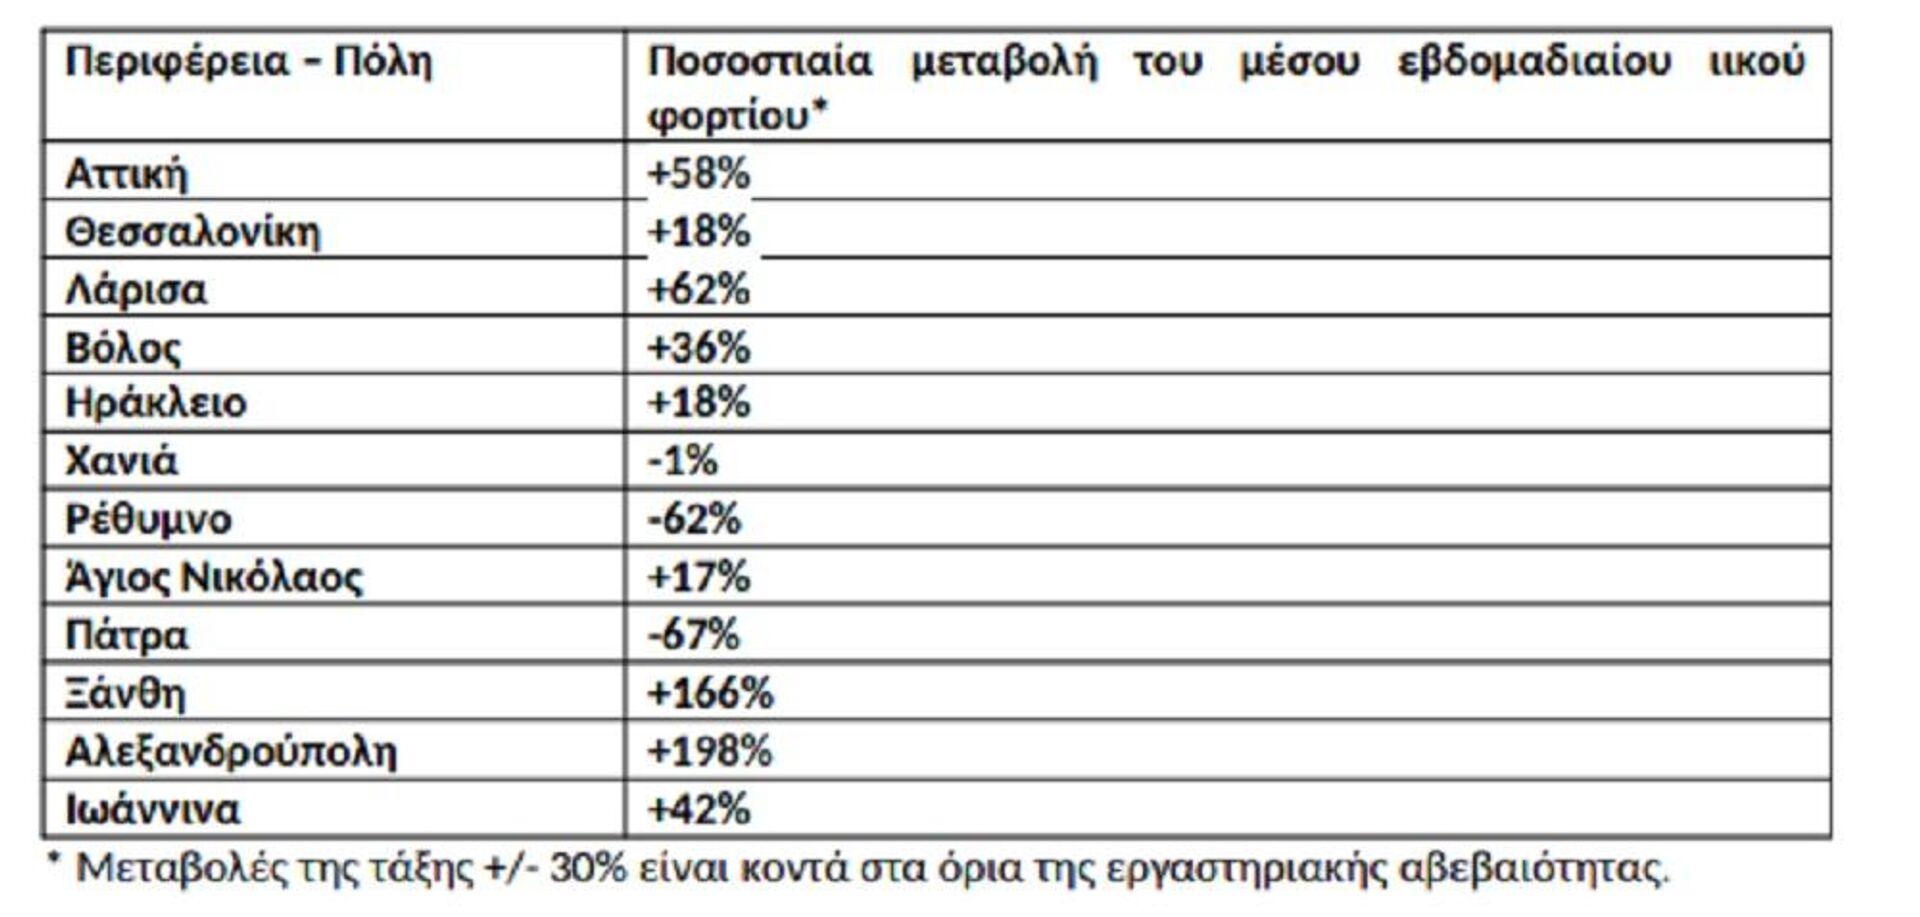 Ποσοστιαία μεταβολή στη μέση συγκέντρωση του ιικού φορτίου του SARS-CoV-2 στα αστικά λύματα ανά 100.000 κατοίκους την εβδομάδα 20-26 Σεπτεμβρίου 2021 σε σχέση με την εβδομάδα 13-19 Σεπτεμβρίου 2021 - Sputnik Ελλάδα, 1920, 28.09.2021